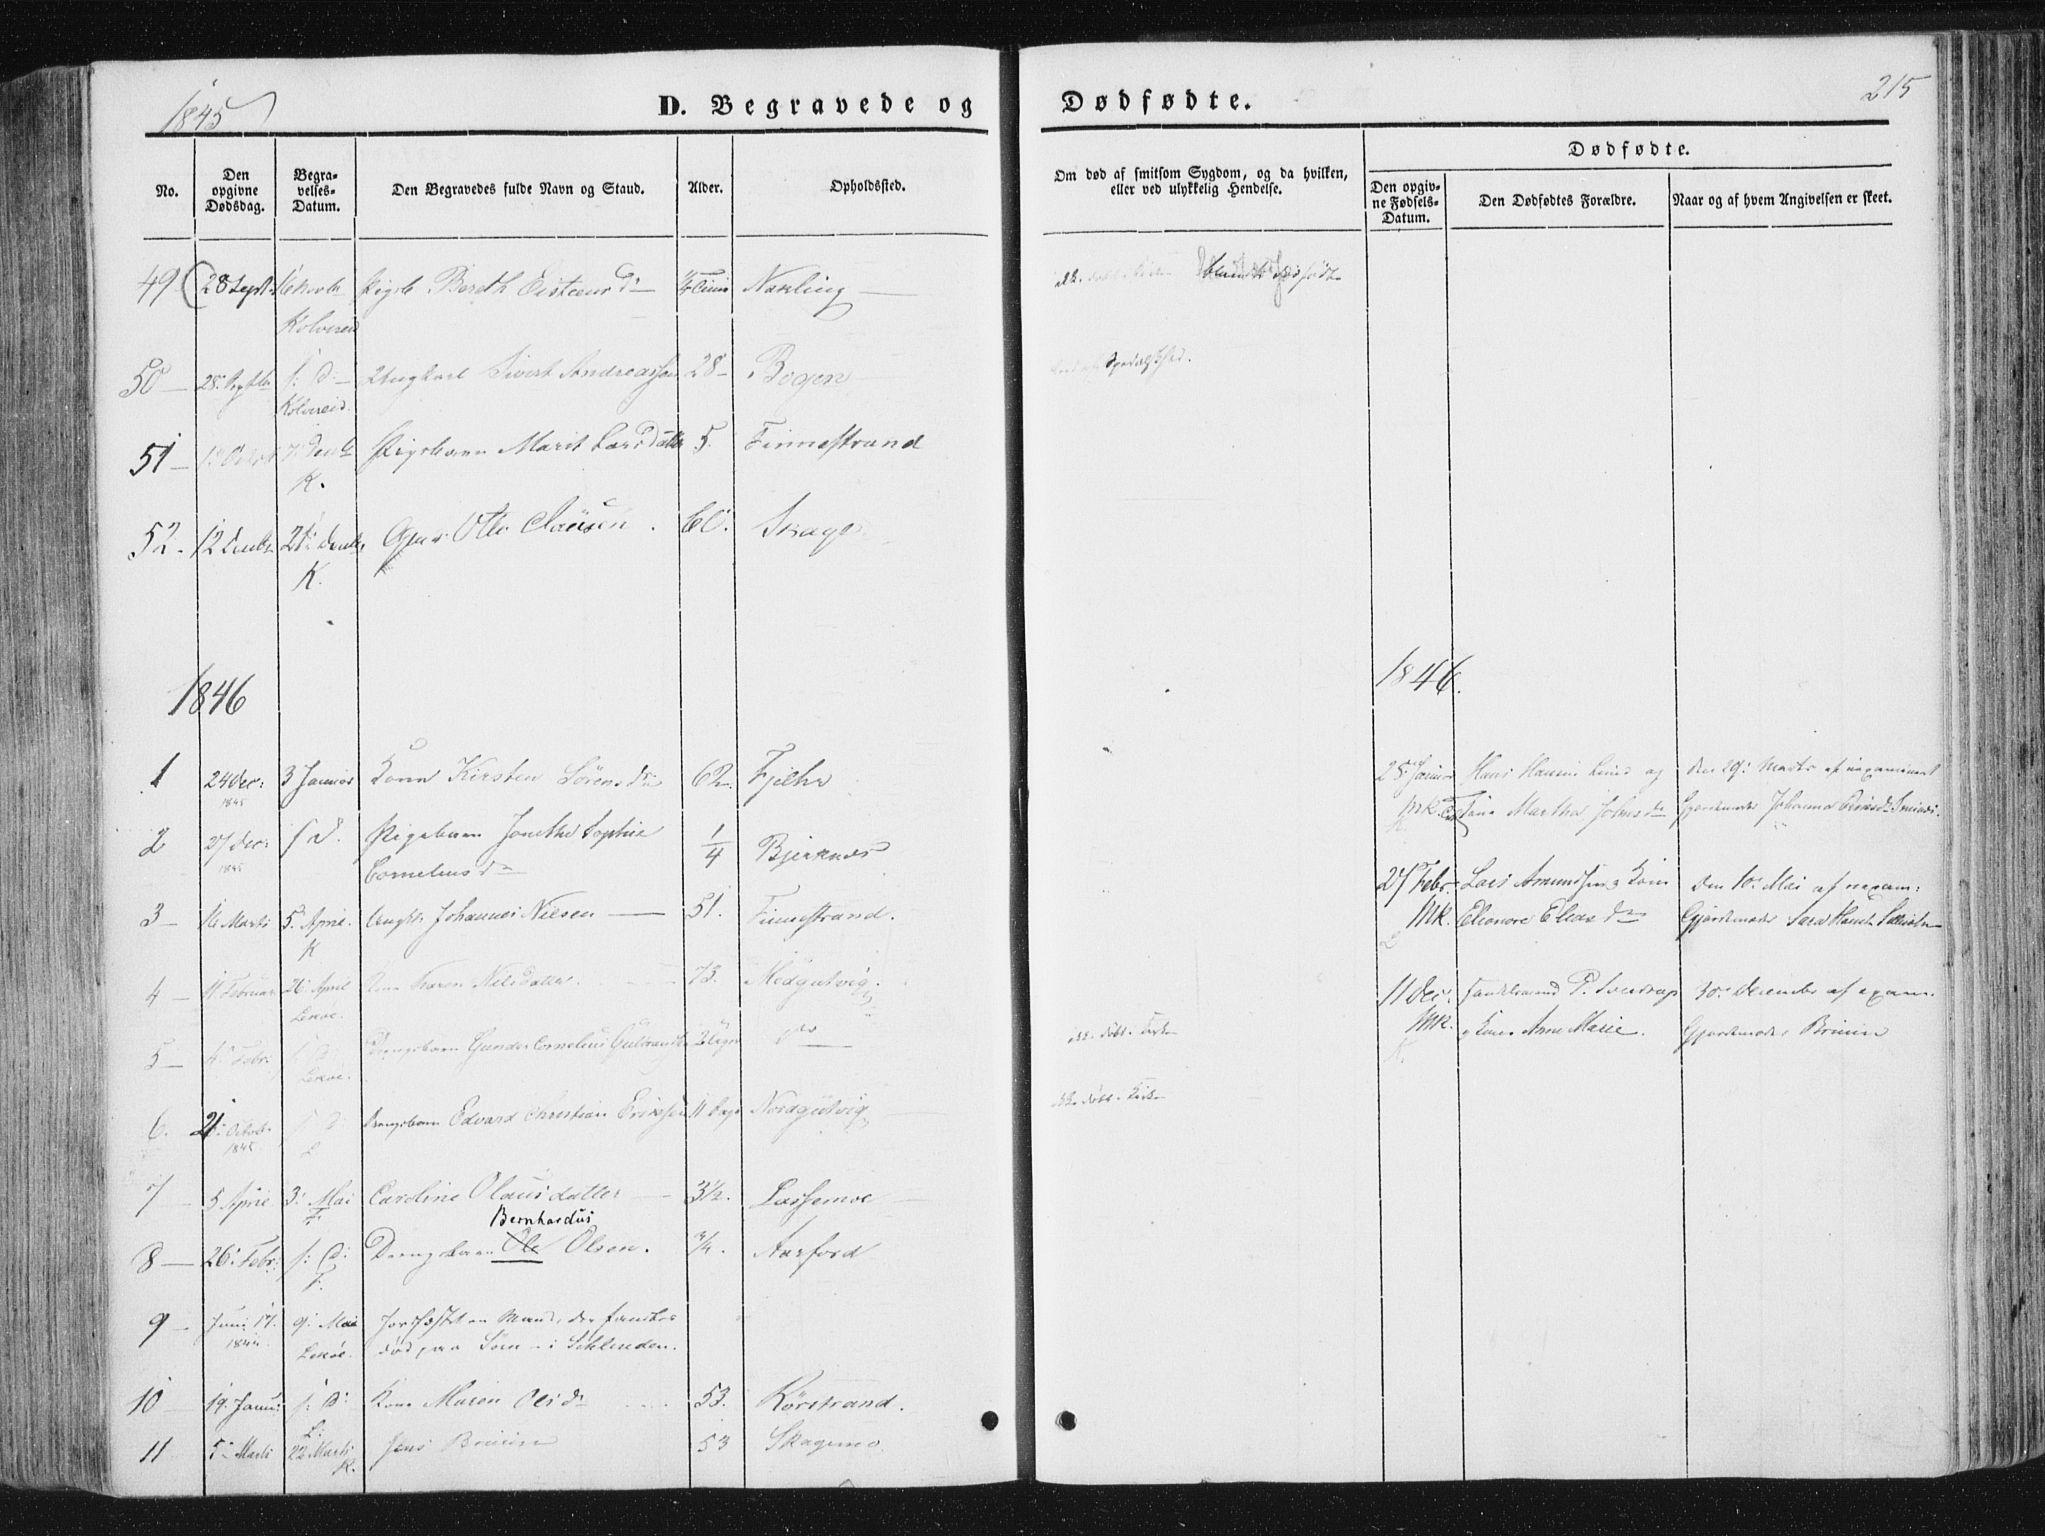 SAT, Ministerialprotokoller, klokkerbøker og fødselsregistre - Nord-Trøndelag, 780/L0640: Ministerialbok nr. 780A05, 1845-1856, s. 215